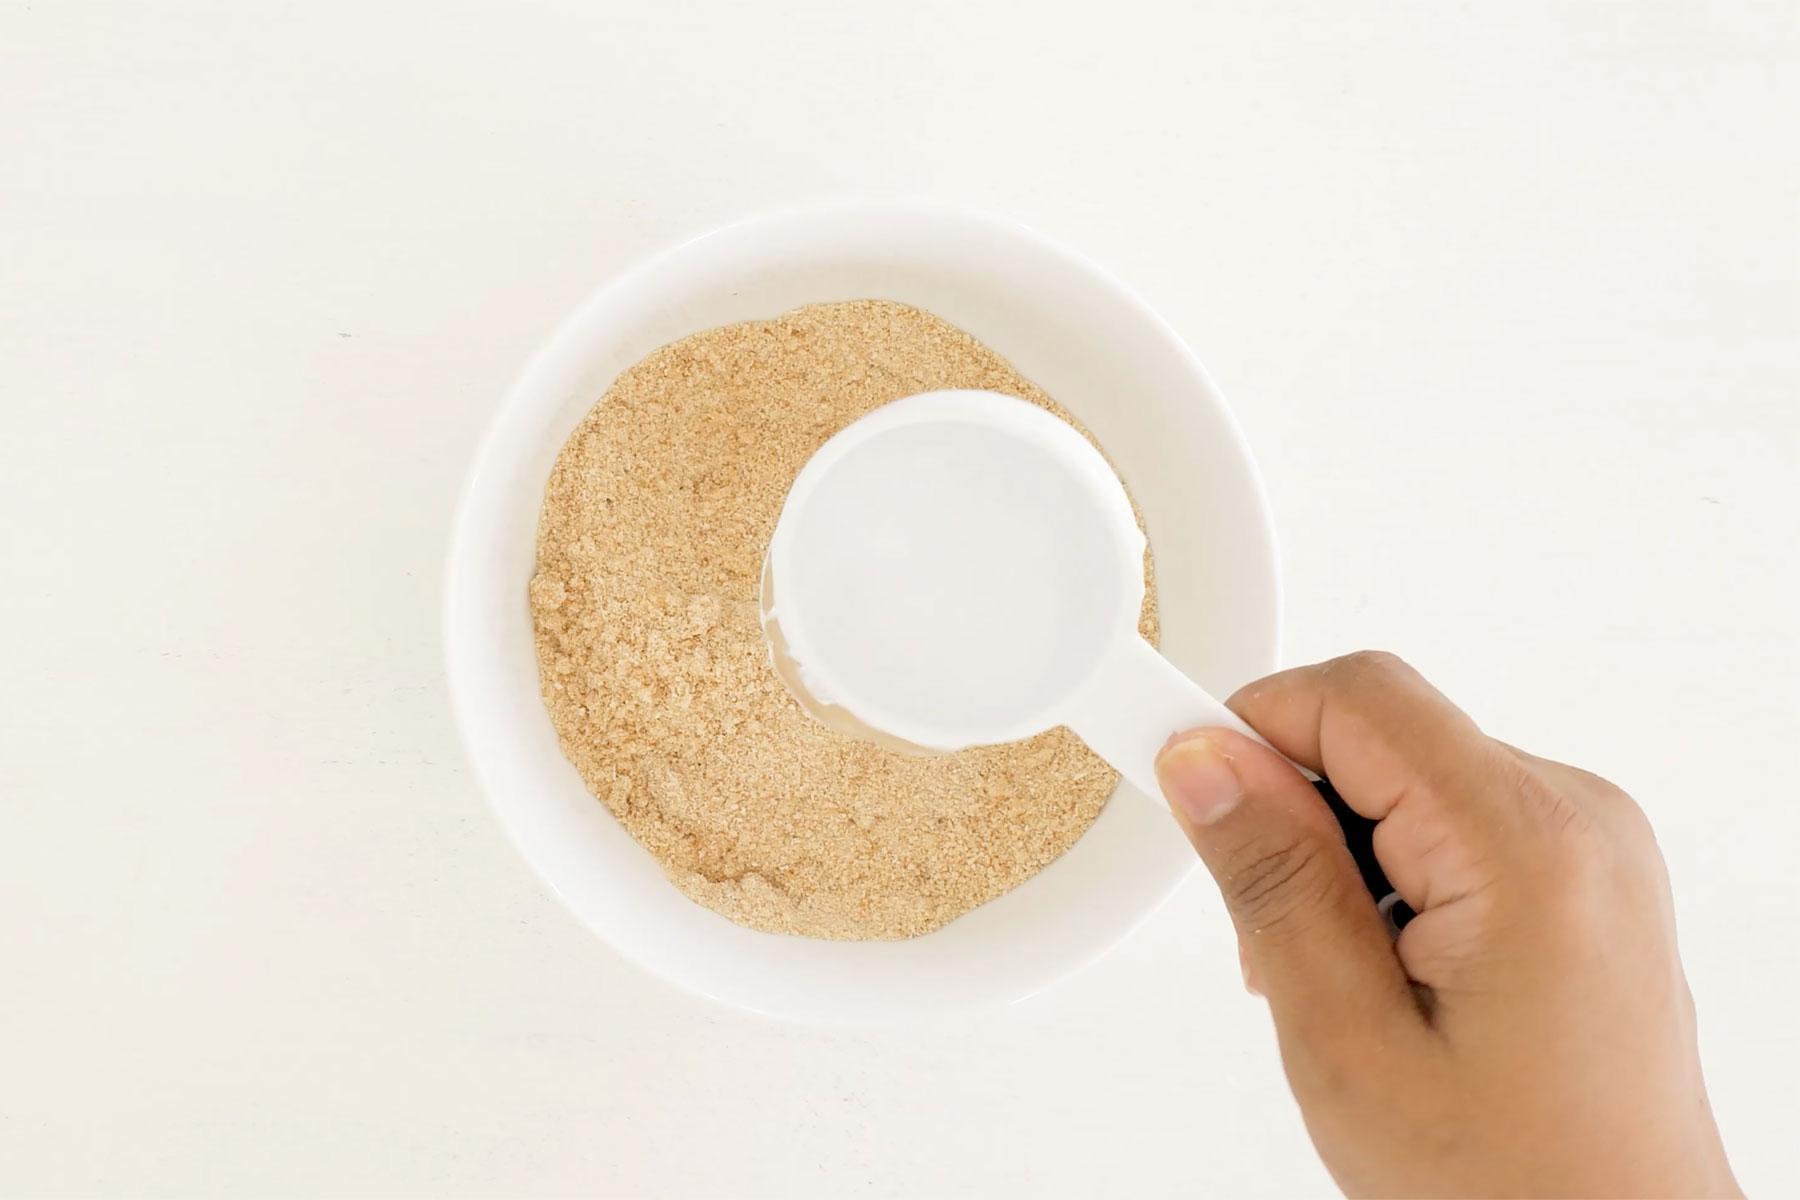 Agregando agua a la harina de yuca